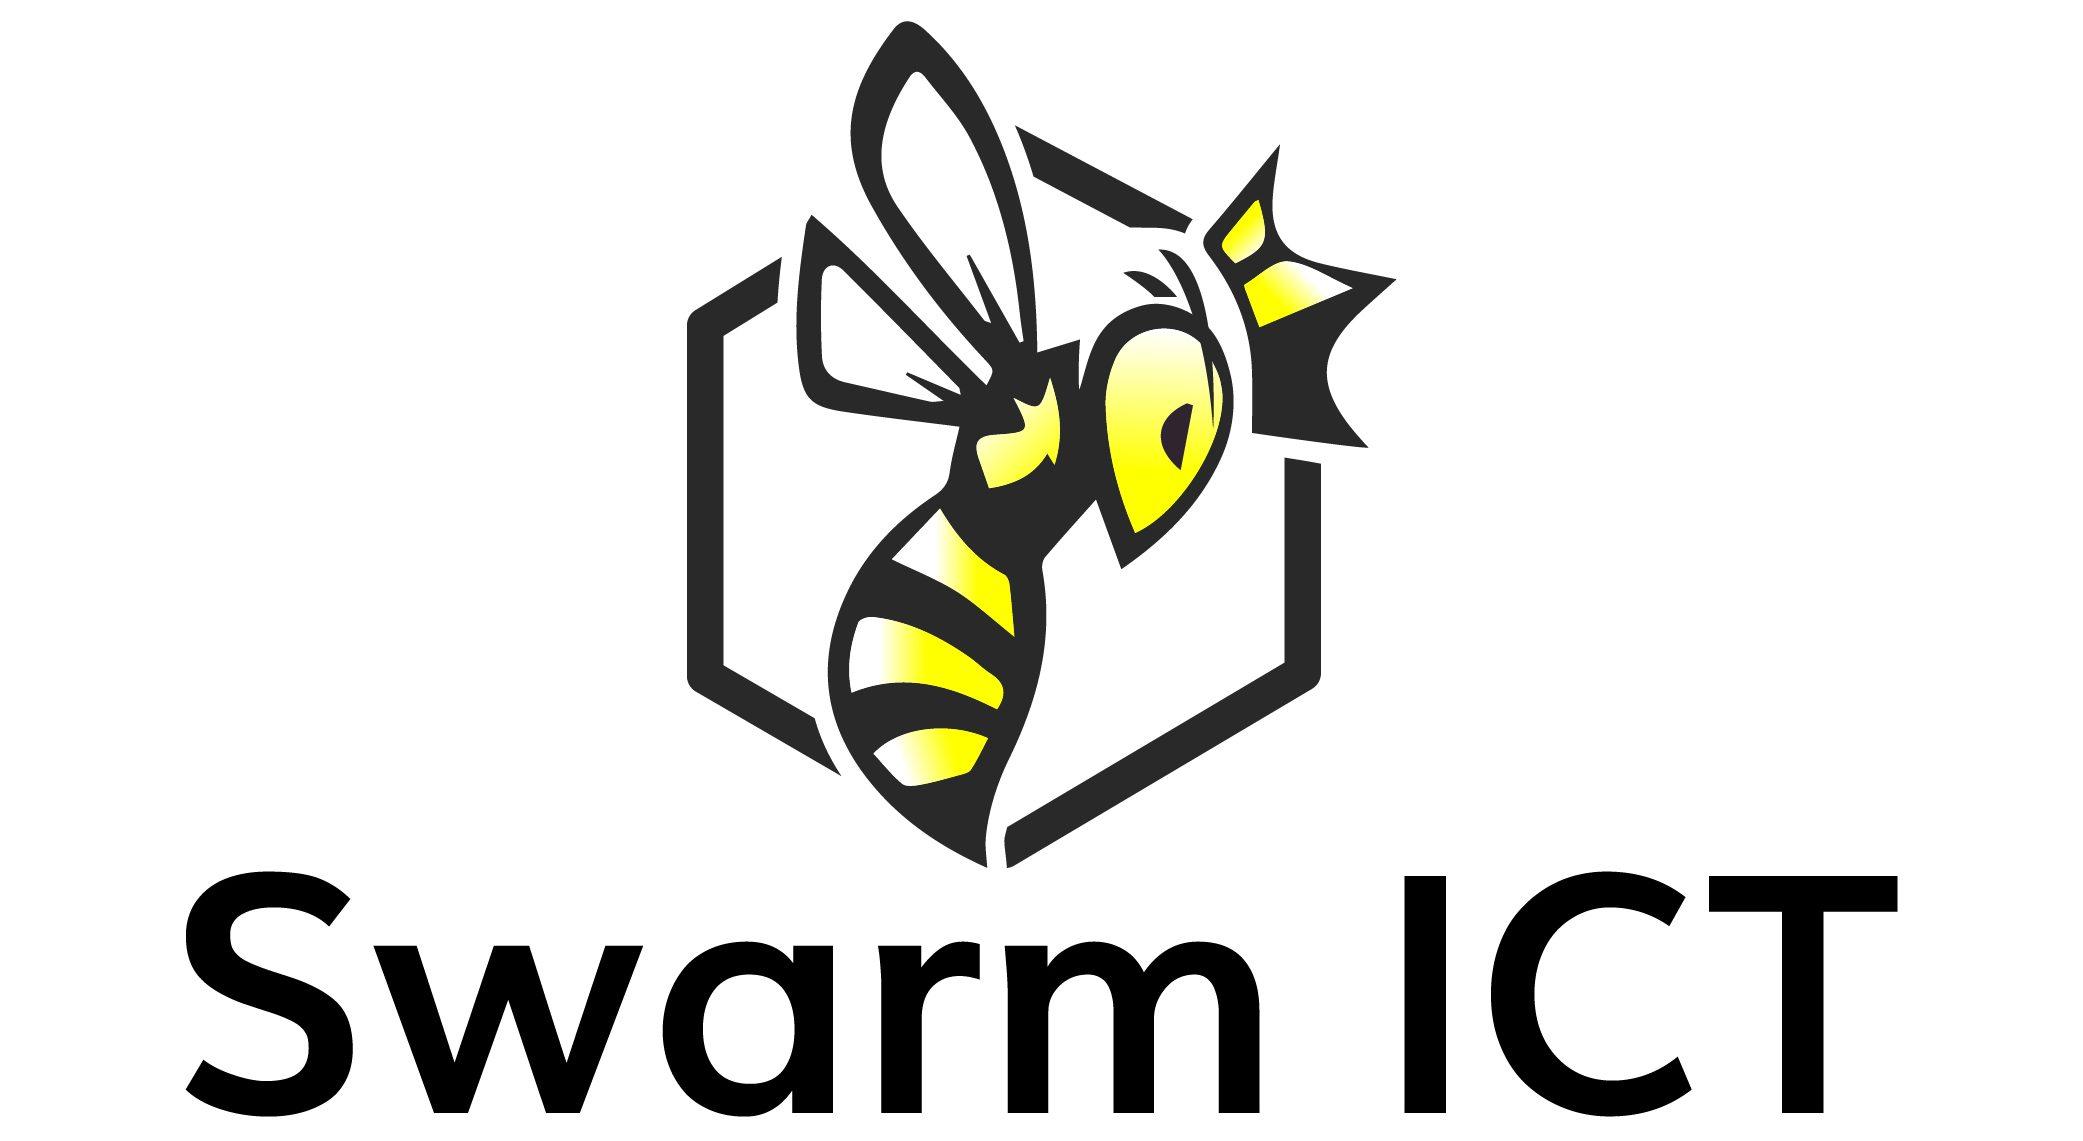 Swarm ICT